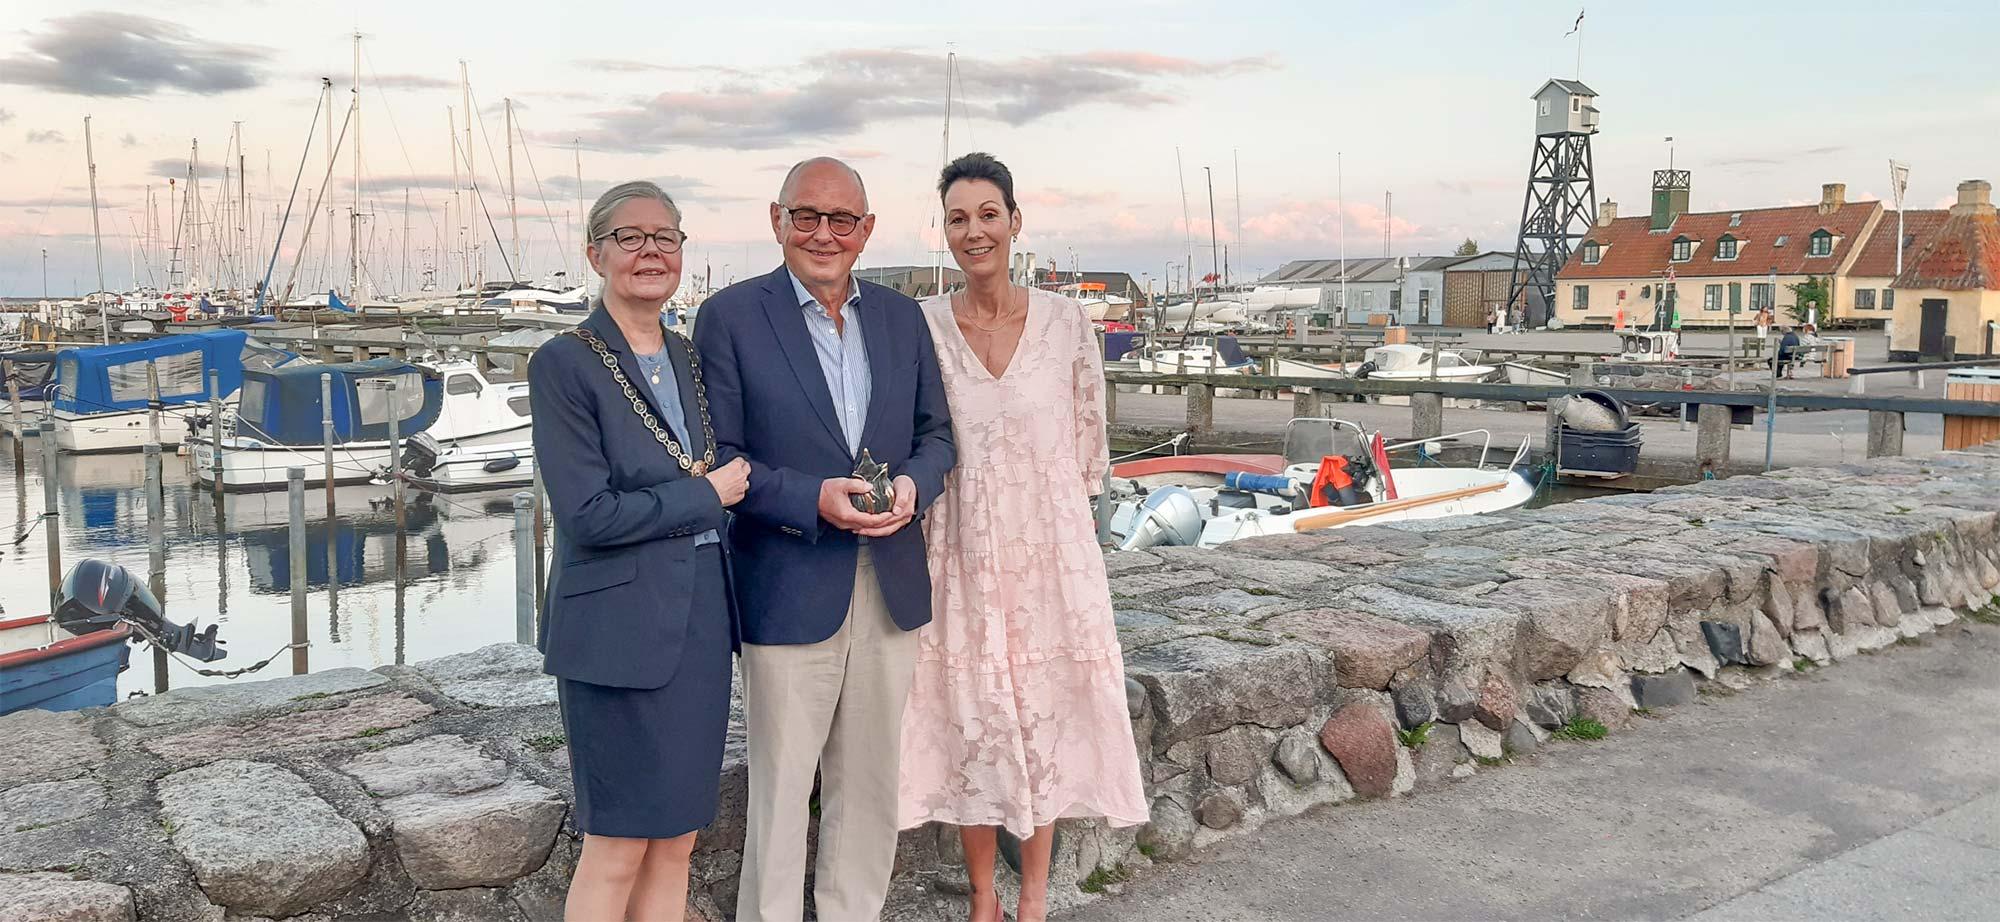 To dage efter arrangementet i Hollænderhallen fik Ulrik Ankerstjerne overrakt sin pris. Han ses her flankeret af borgmester Helle Barth og Tina Vexø.